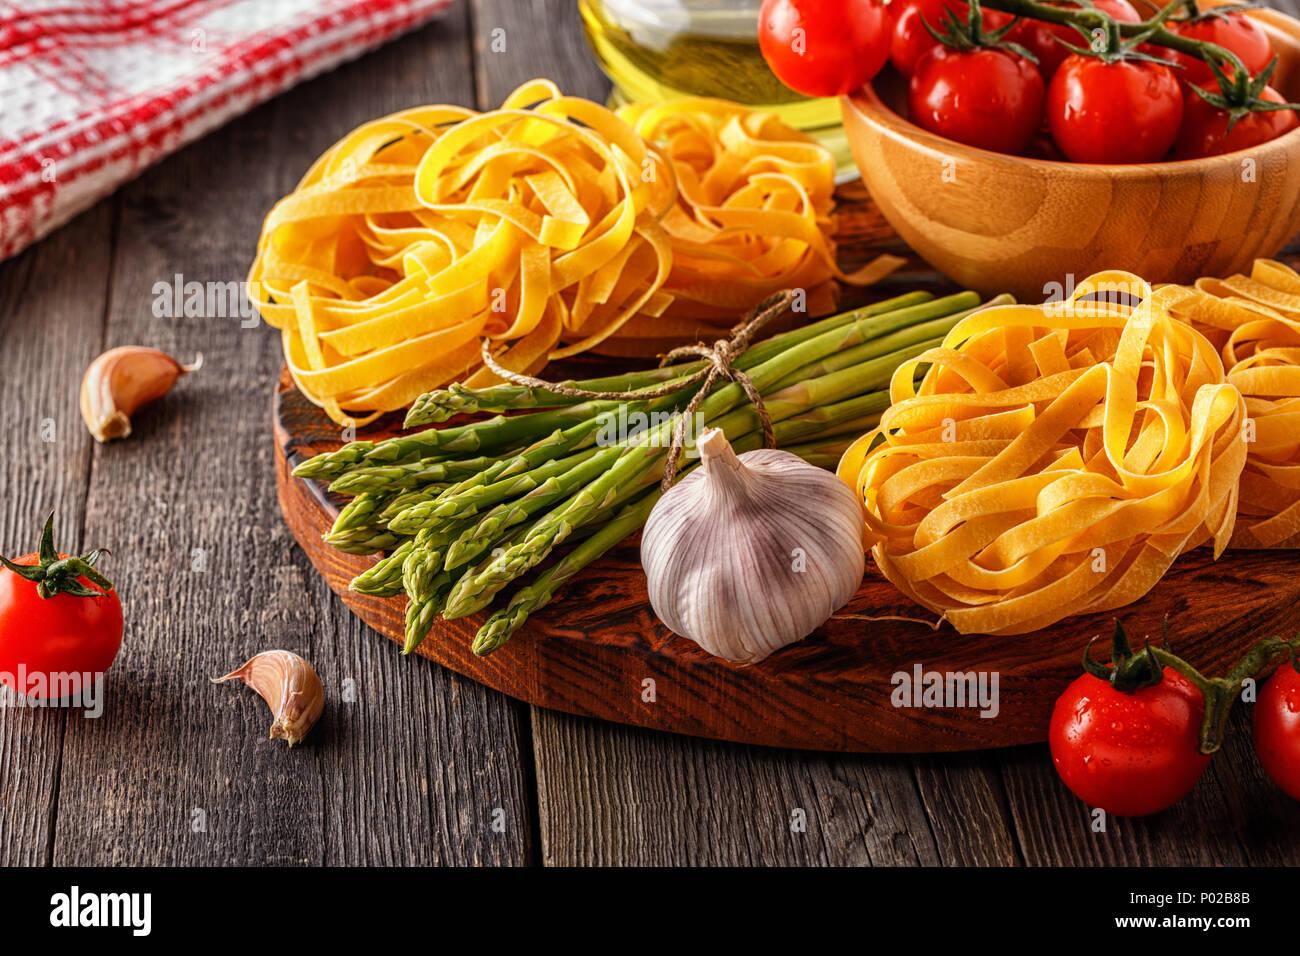 Produkte Zum Kochen Frischer Spargel Pasta Tomaten Knoblauch